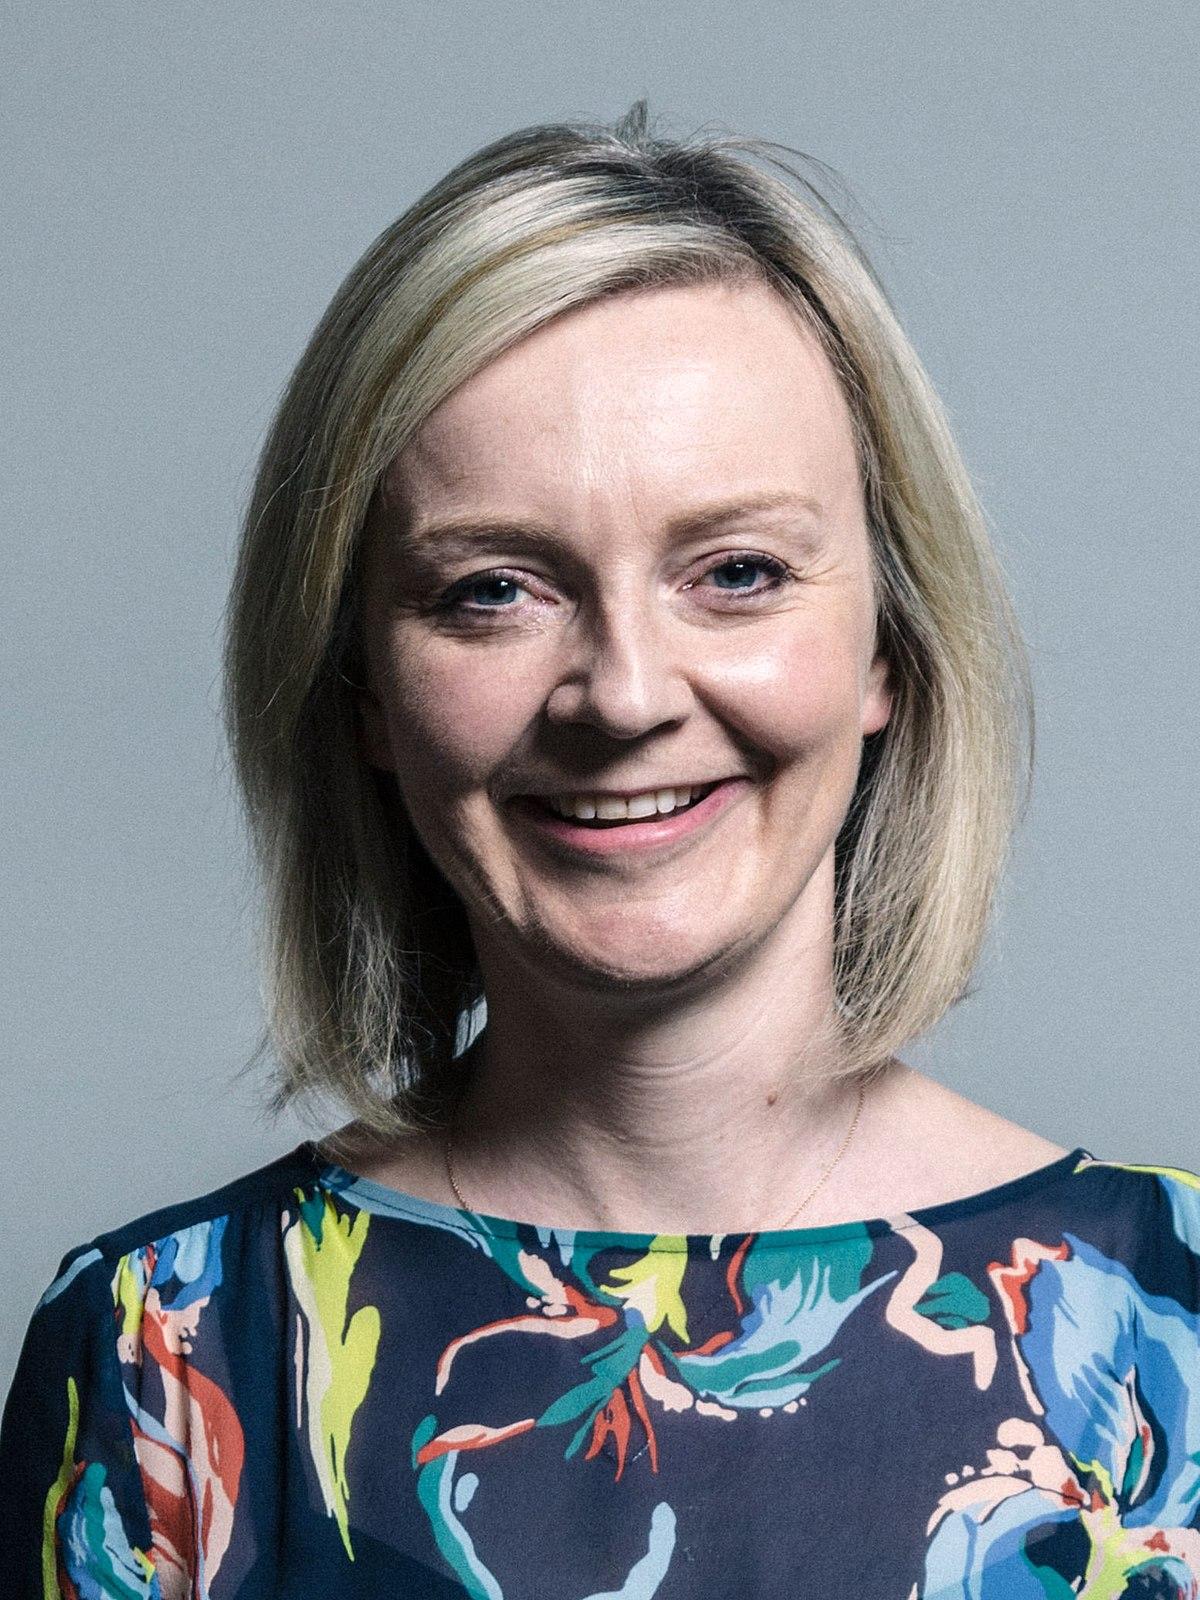 Liz Truss - Wikipedia